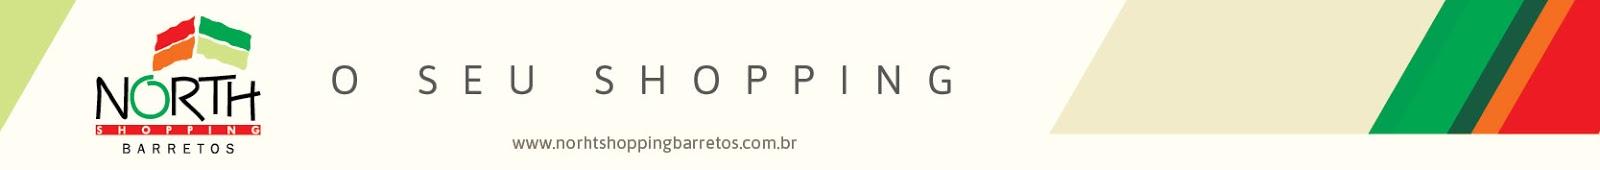 c080983c784 Banner North Shopping Barretos. Mostra Suculentas   Calorentas volta ao  espaço Arte no Shopping